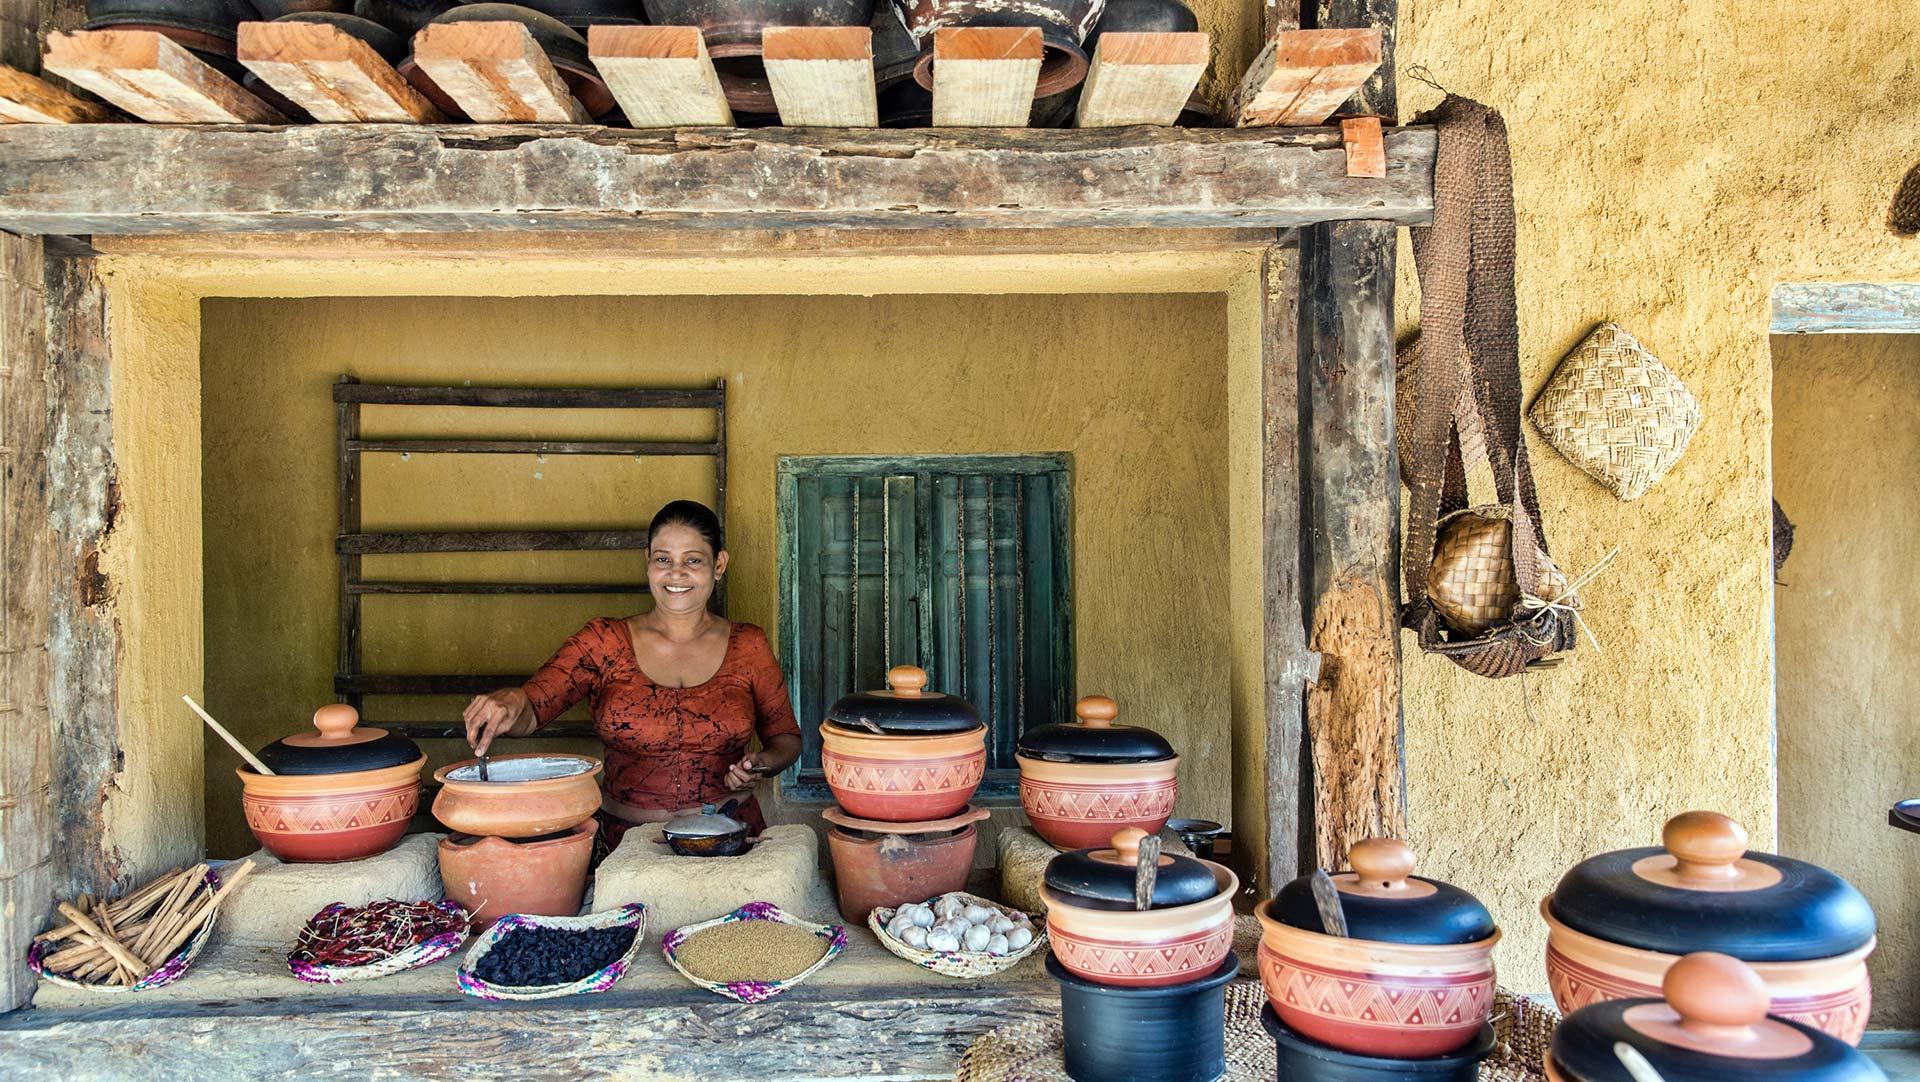 Village style curries and food, Sri Lanka